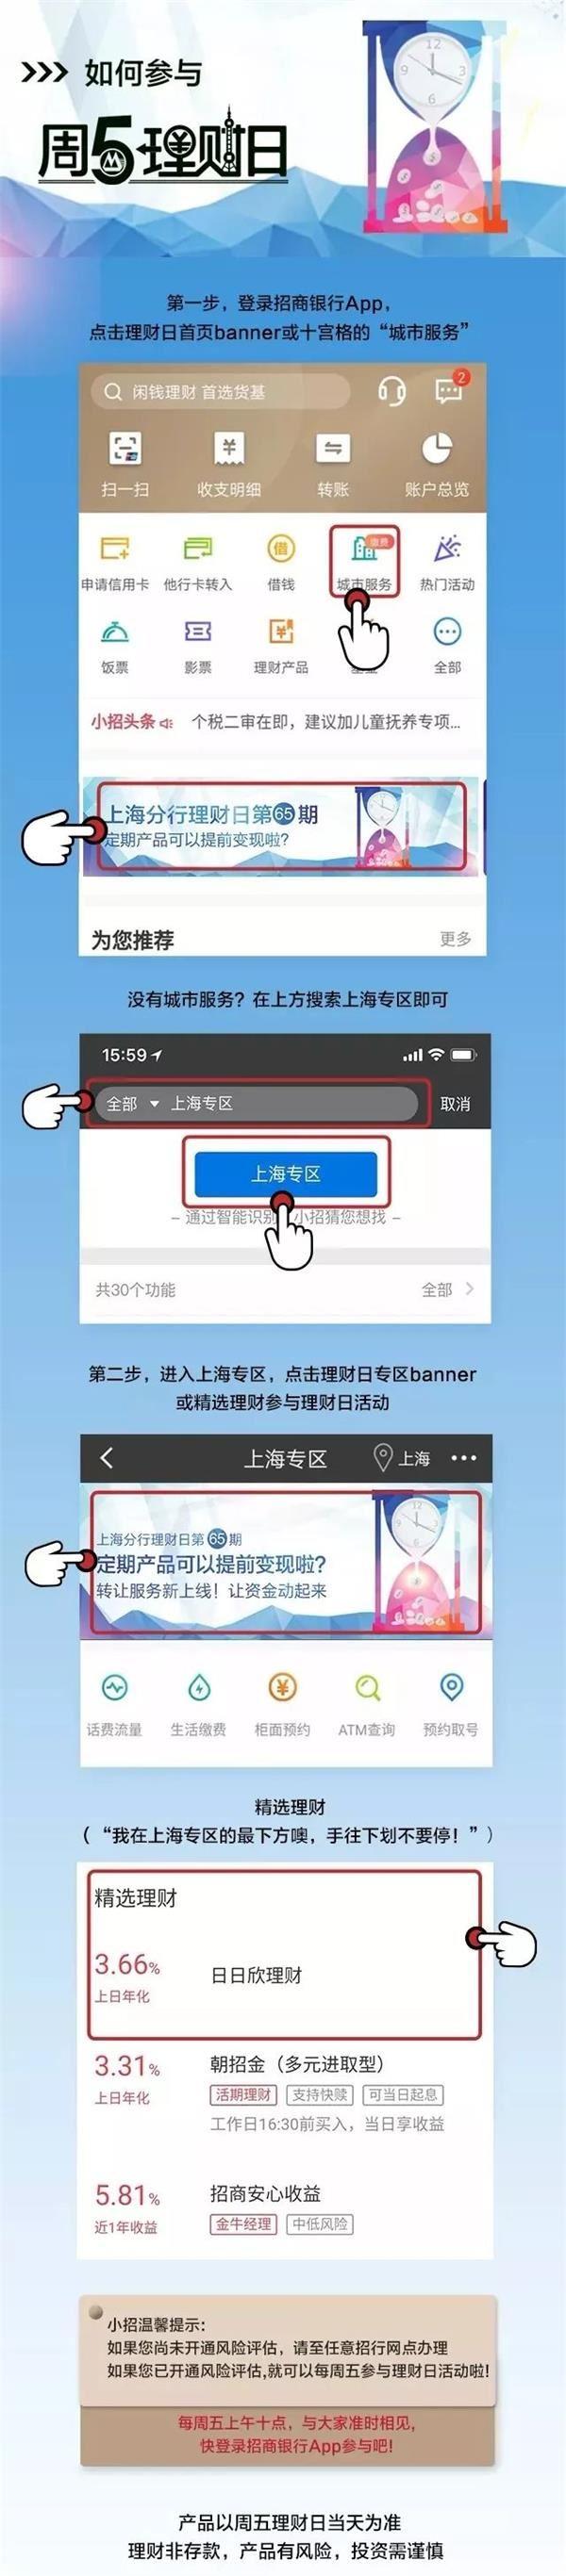 (图片来自招行上海分行微信公众号)